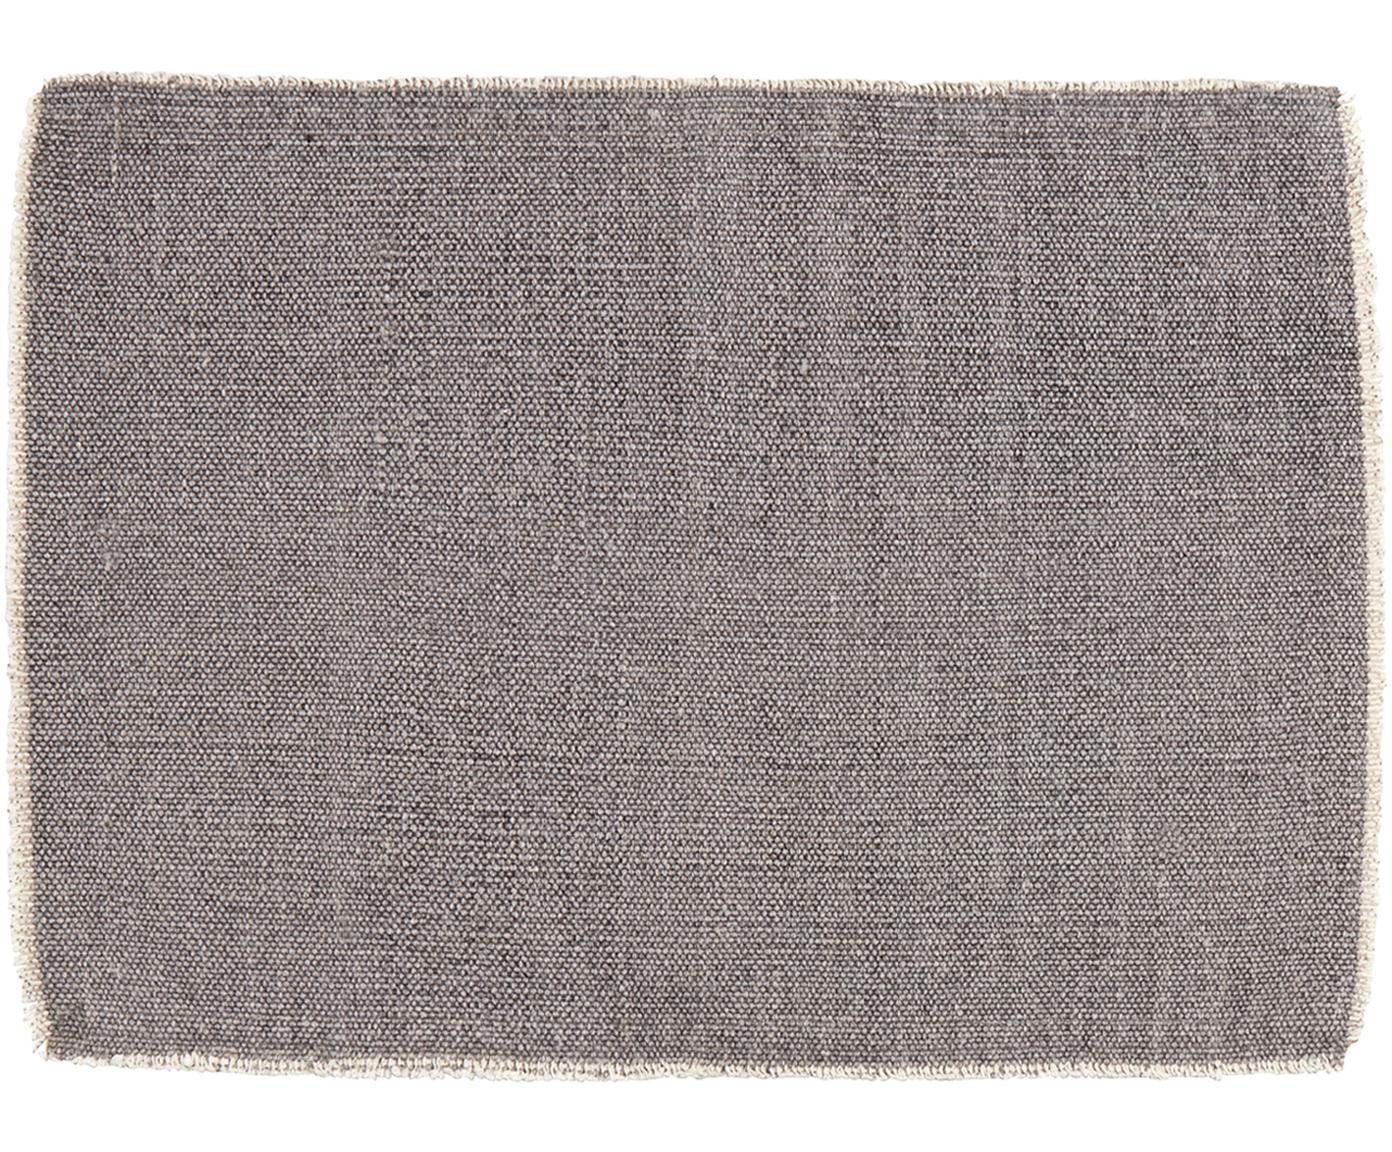 Tischsets Edge, 6 Stück, 85% Baumwolle, 15% gemischte Fasern, Grau, 33 x 48 cm